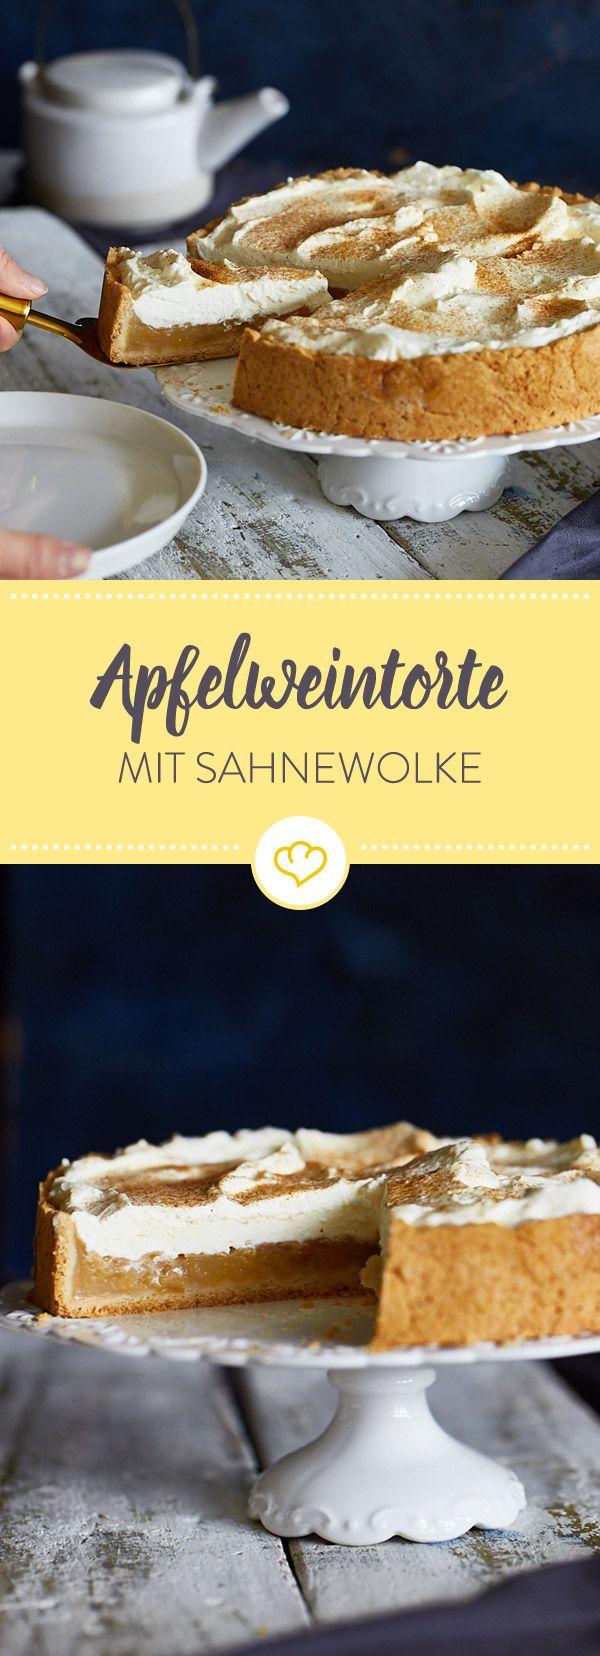 Die beschwipste Torte mit Apfelfüllung und Sahnewolke ist ein süßer Klassiker aus Hessen. Der